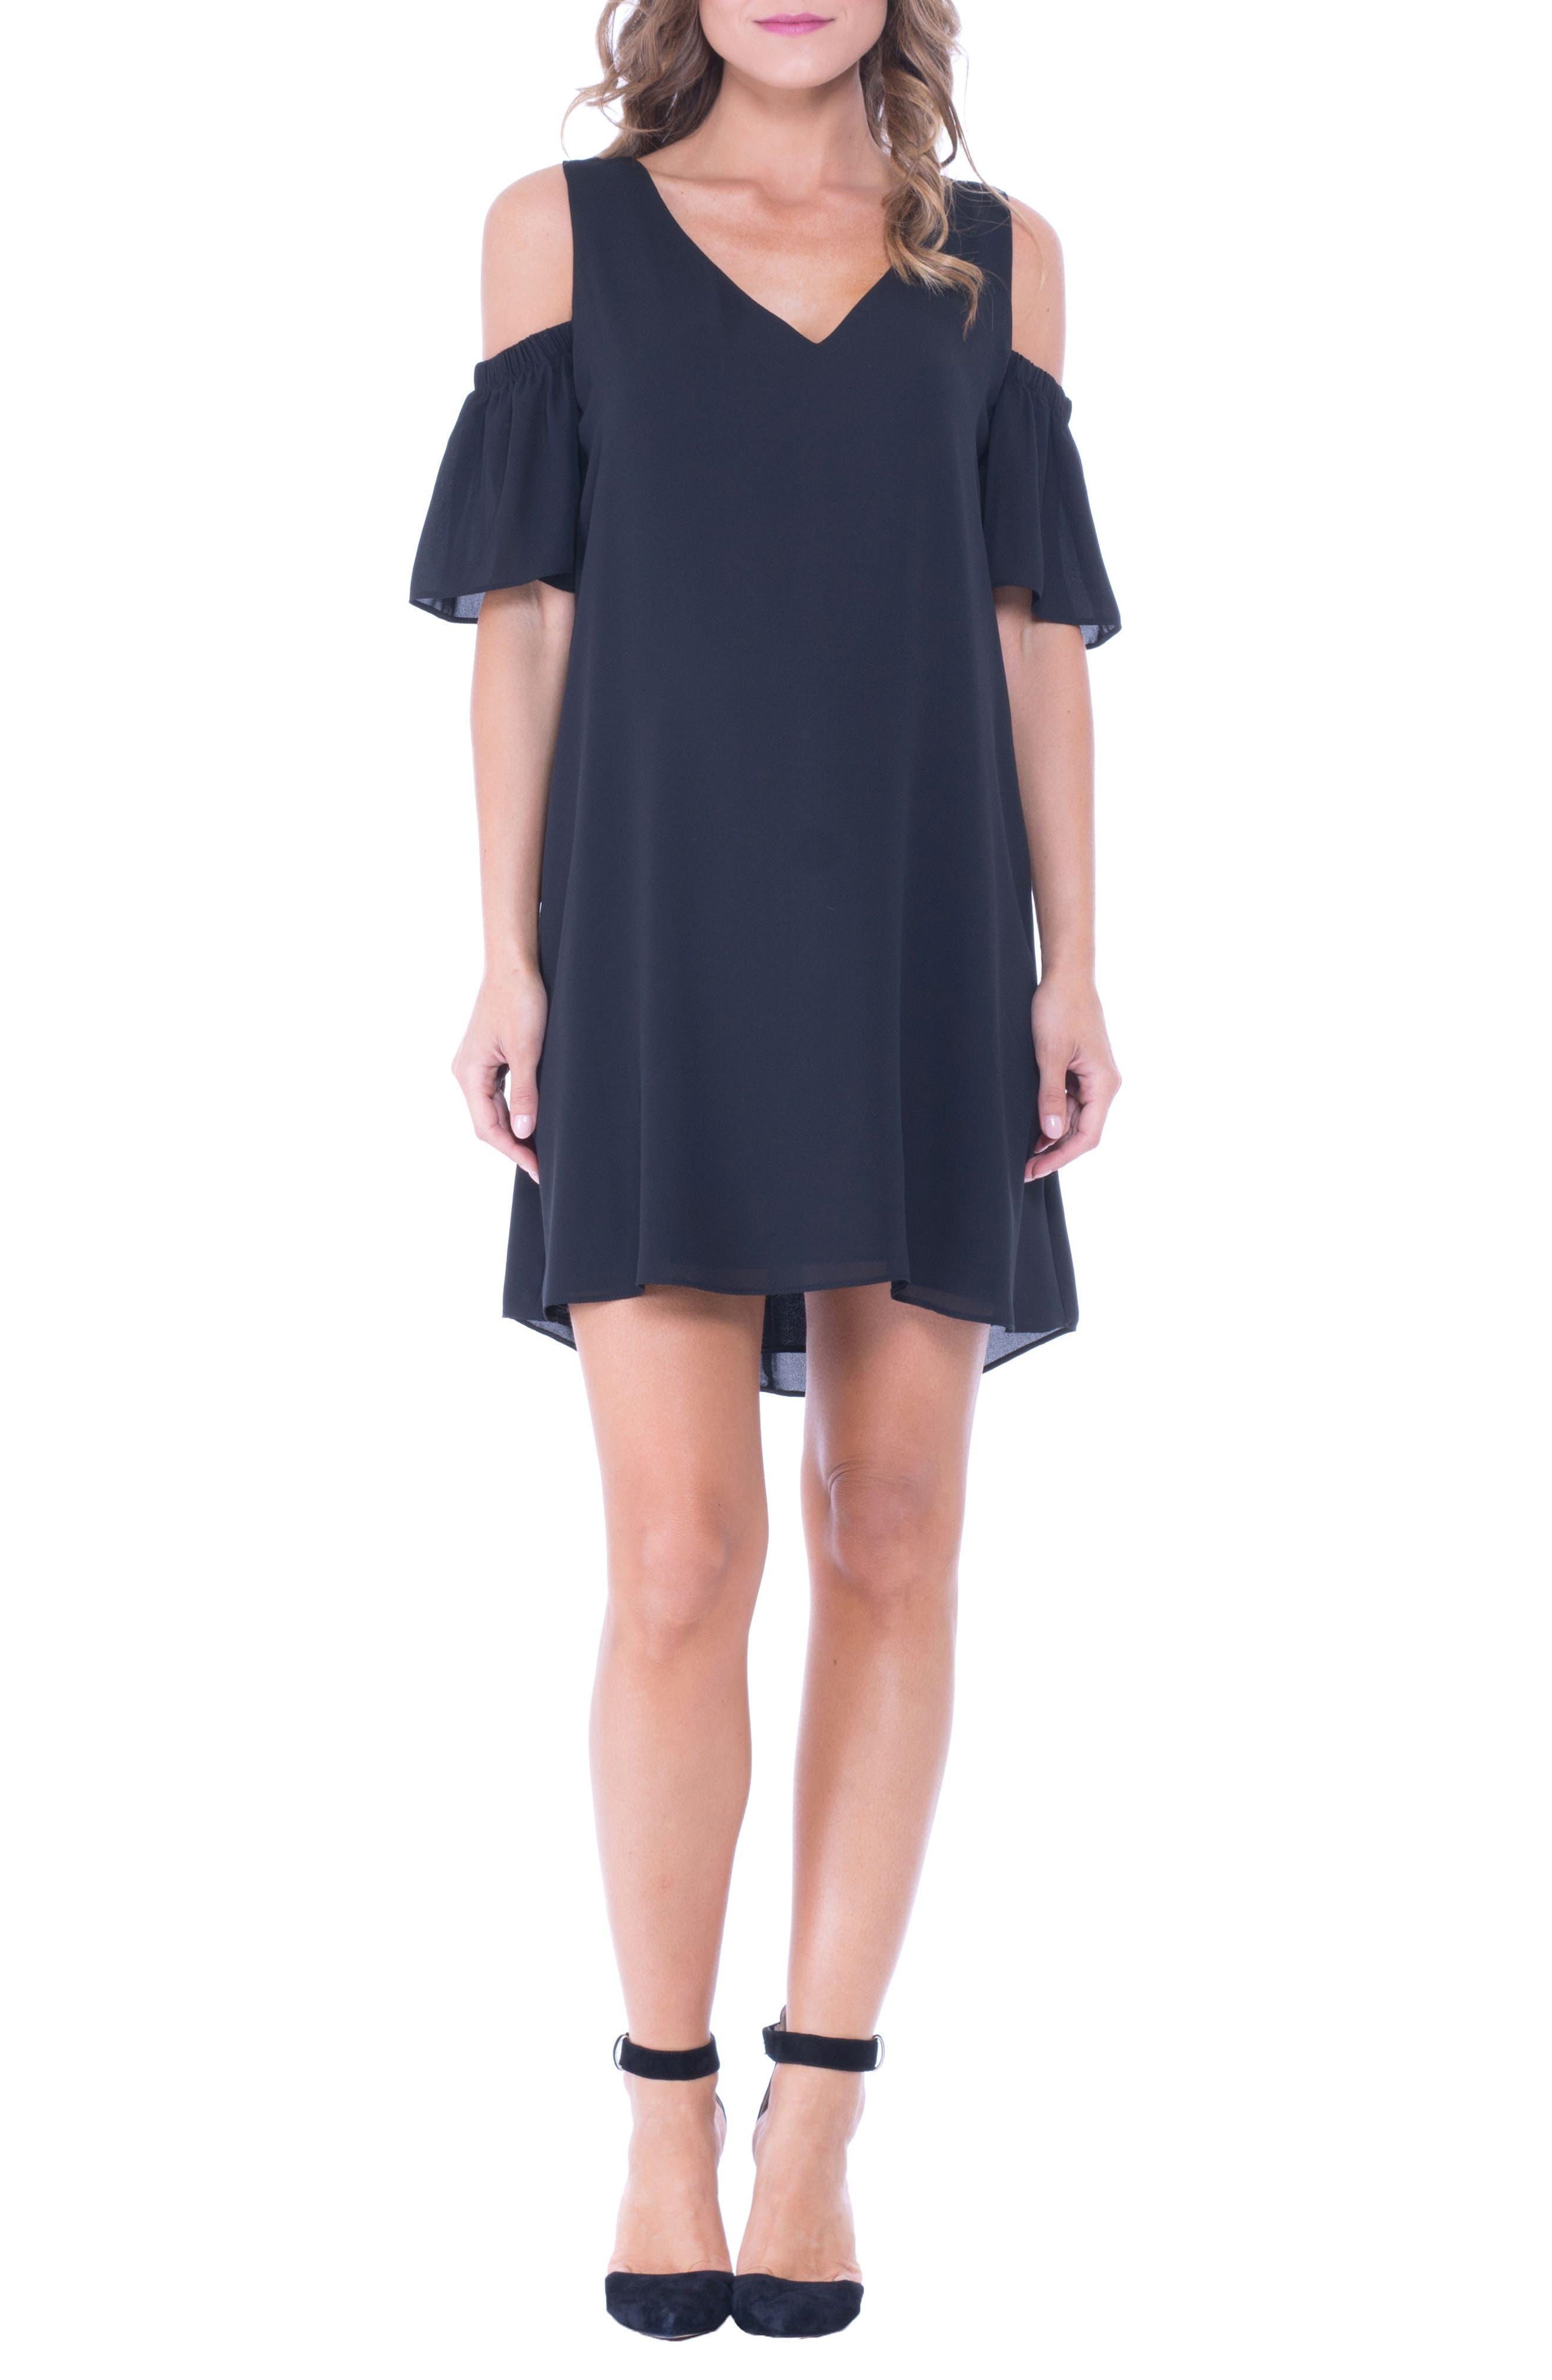 Juliette Cold Shoulder Maternity Dress,                             Main thumbnail 1, color,                             BLACK